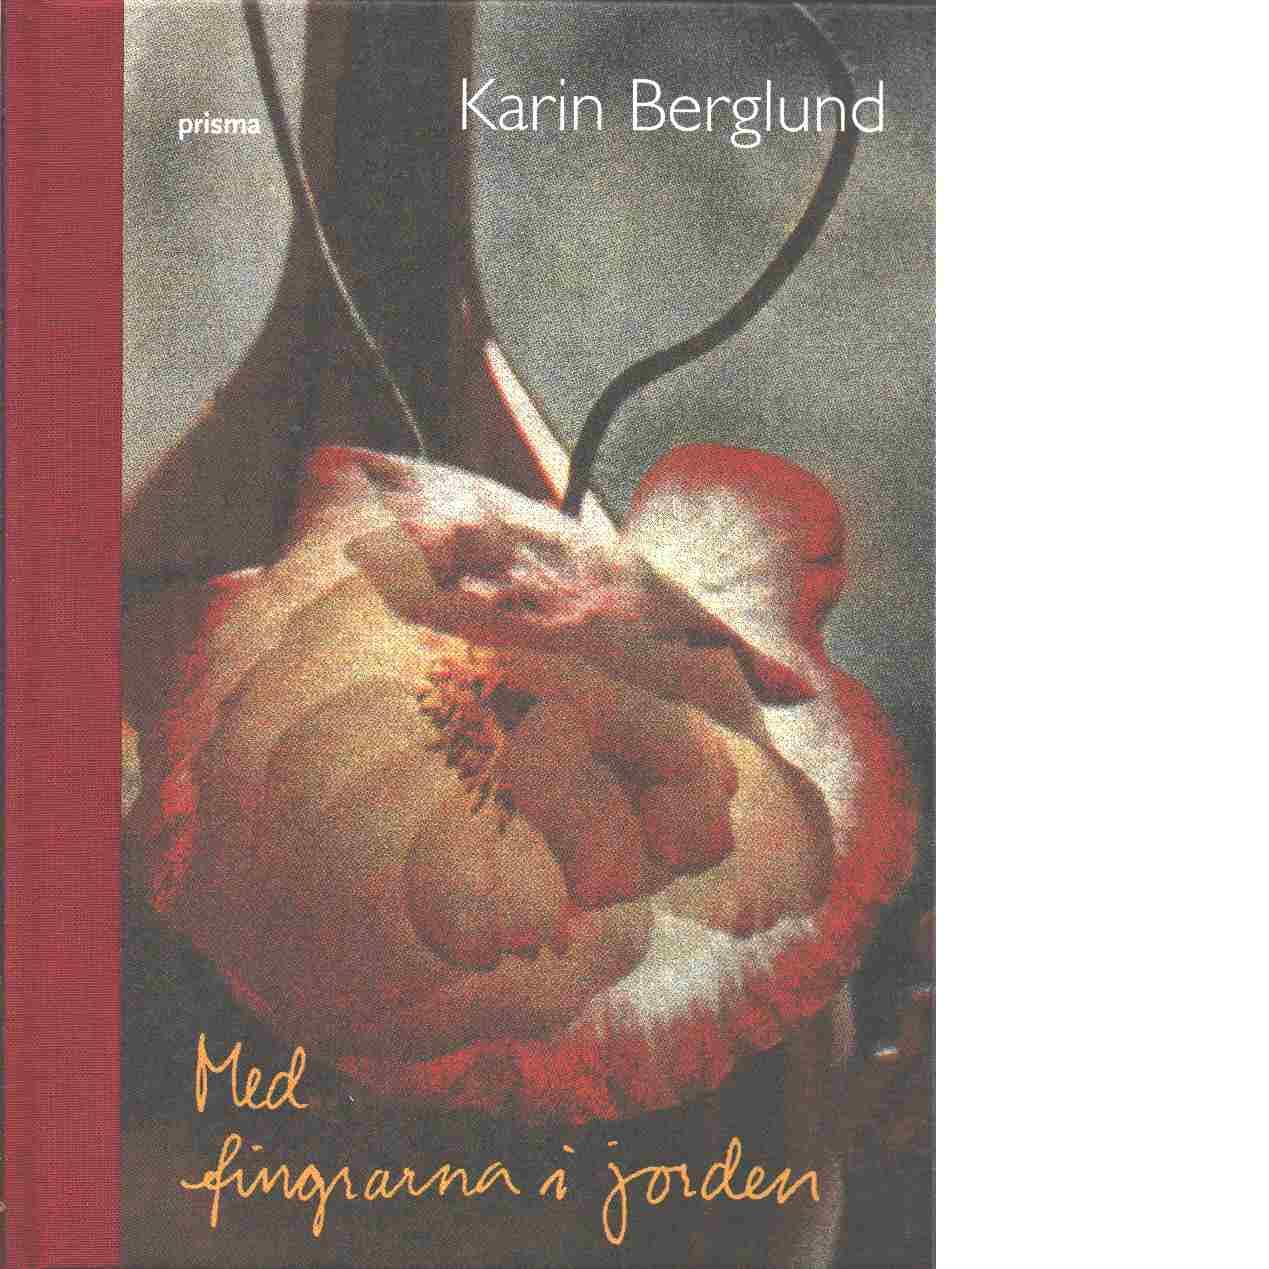 Med fingrarna i jorden - Berglund, Karin